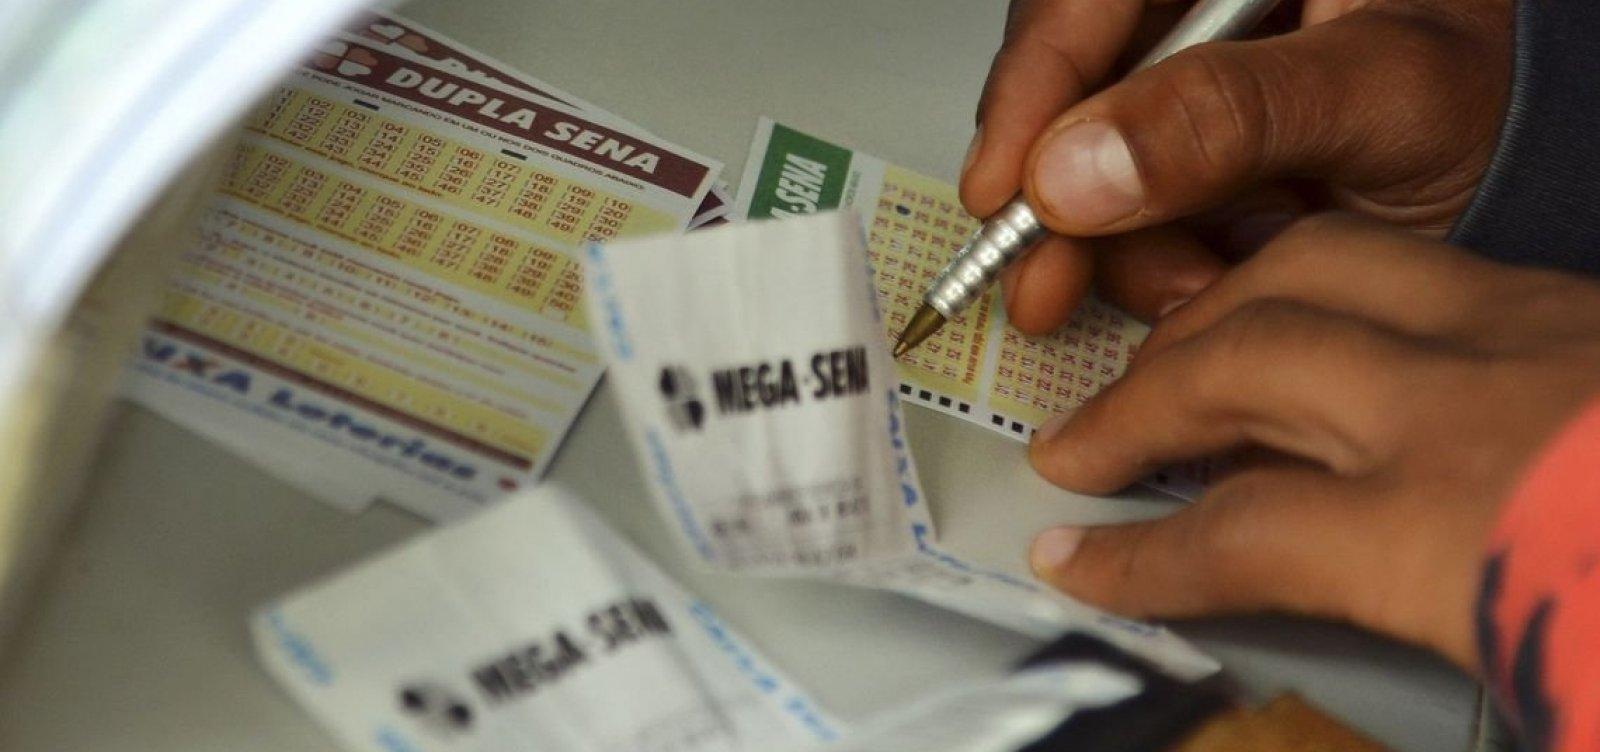 [Mega-Sena: ninguém acerta as seis dezenas e próximo sorteio pode pagar R$ 45 milhões]